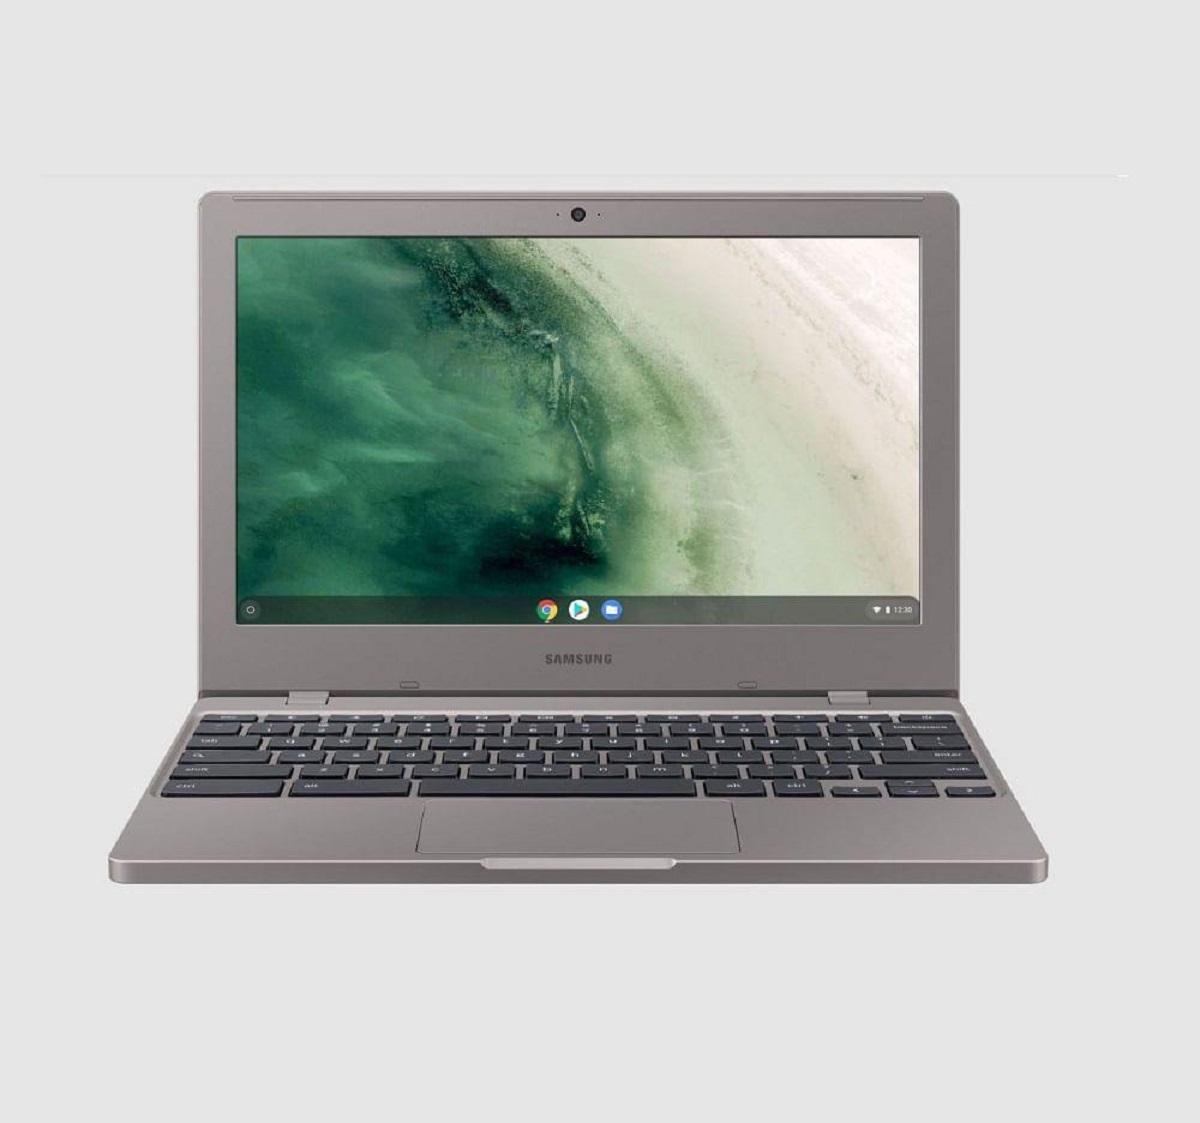 Imagem de notebook barato da marca Samsung Chromebook 4